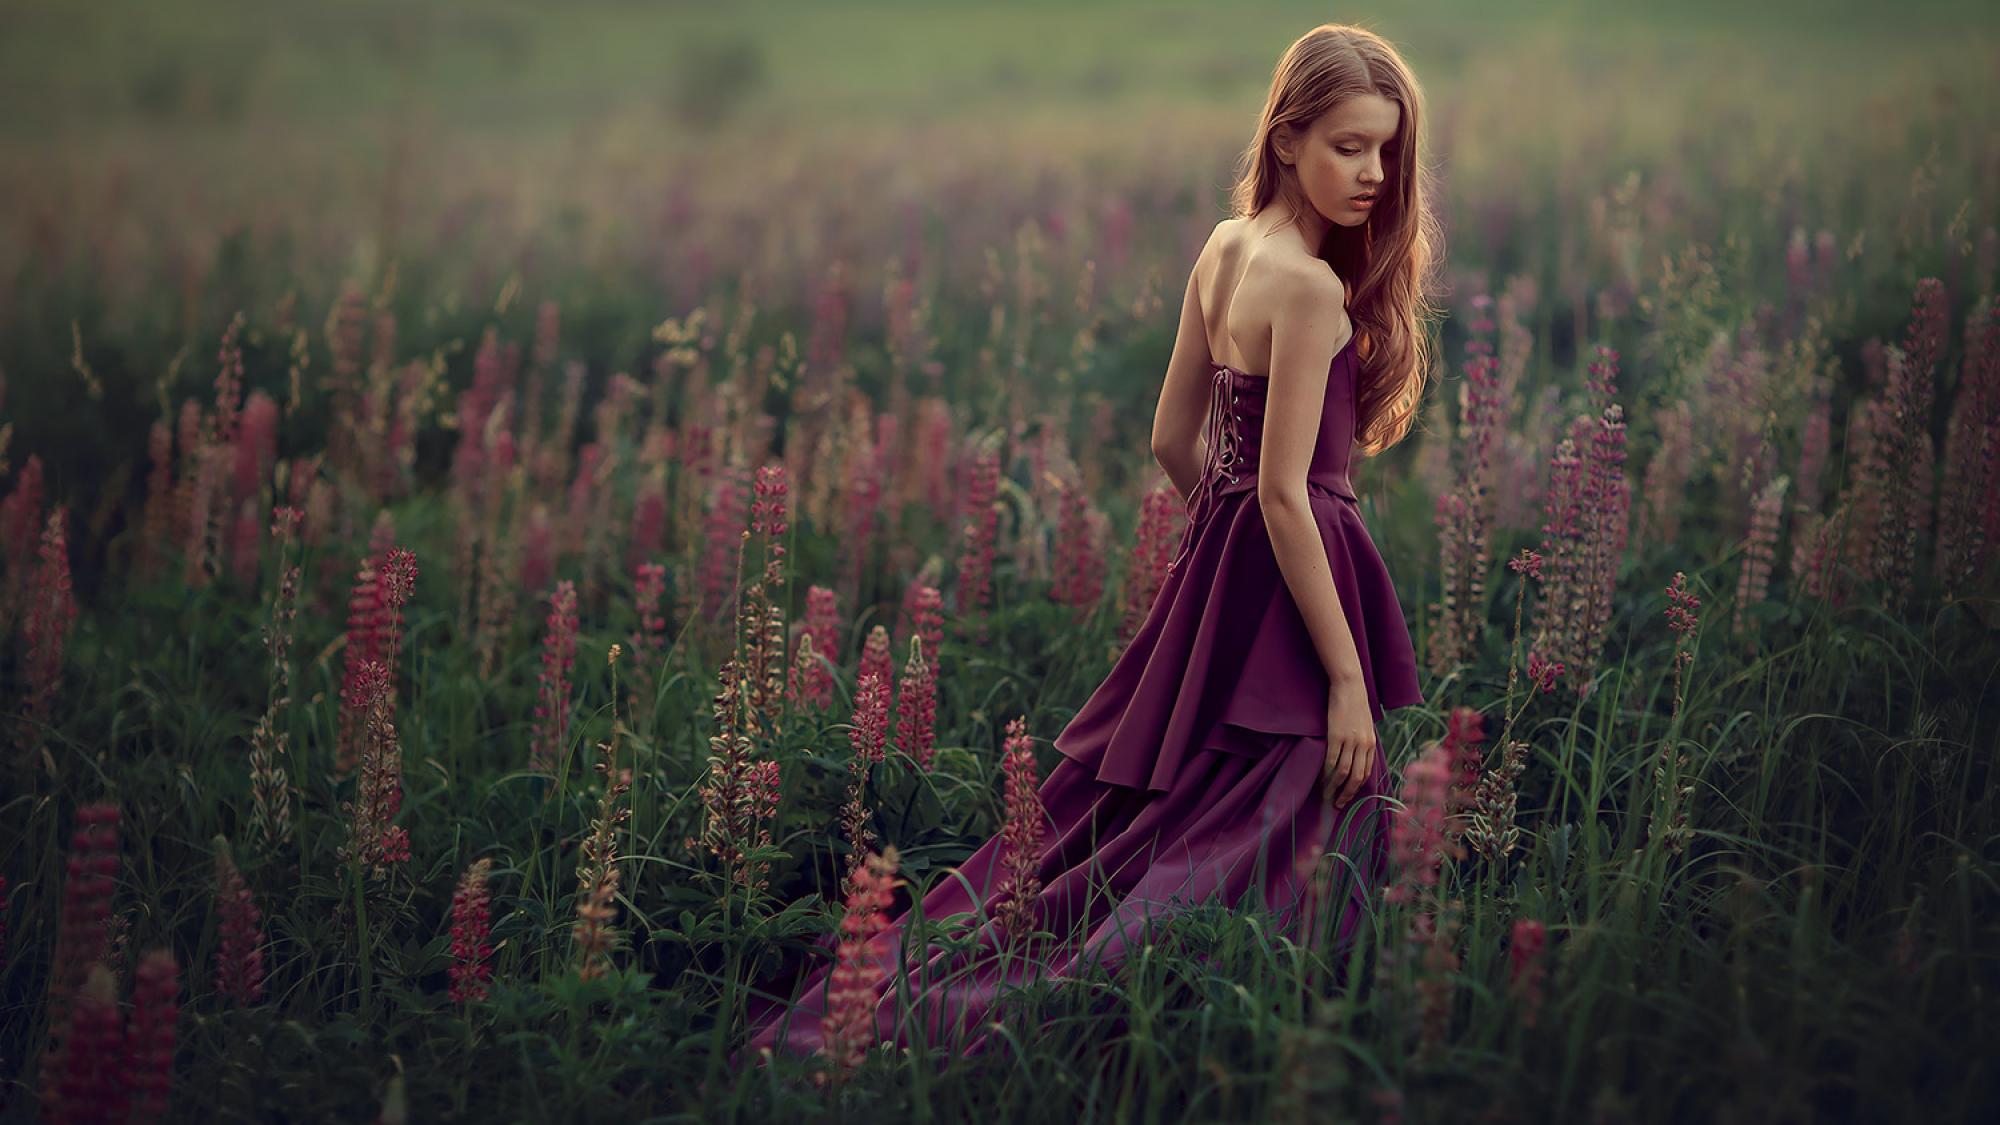 Фотосессия для девочка на природе, красивая фотосессия в Москве. Фотосъемка для подростков. Детский и семейный фотограф. фотосессия в люпинах. Катрин Белоцерковская